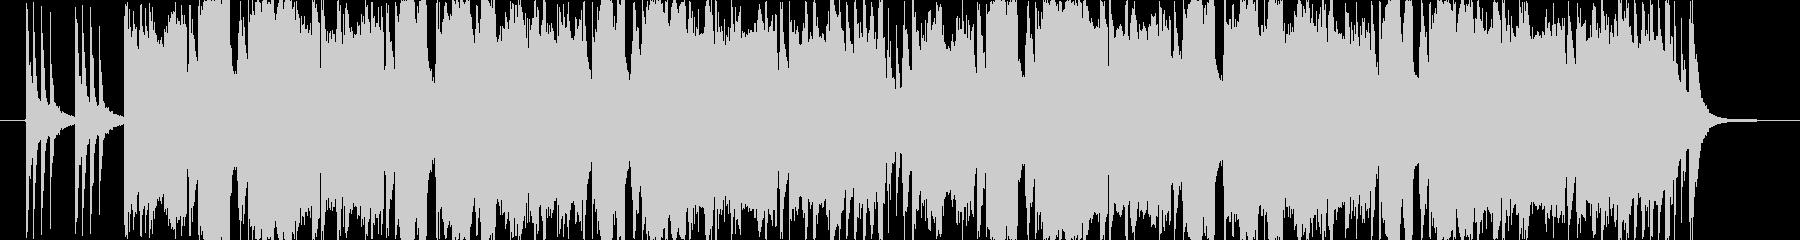 アプリゲームのOP画面をイメージした楽…の未再生の波形